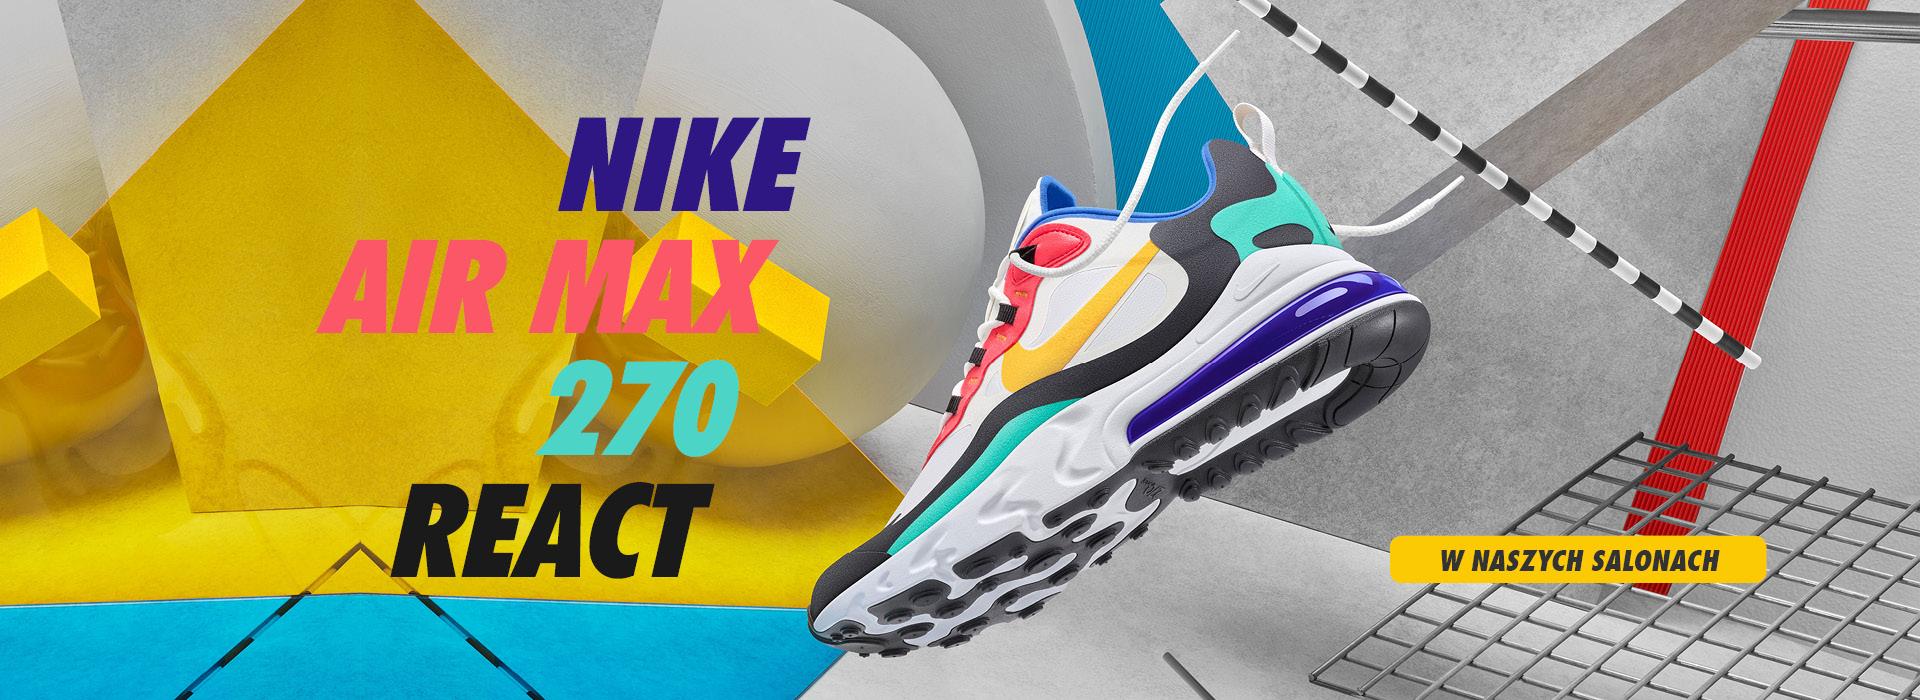 e17c44295 Oryginalne buty i odzież sportowa Nike, Reebok, adidas – sklep ...